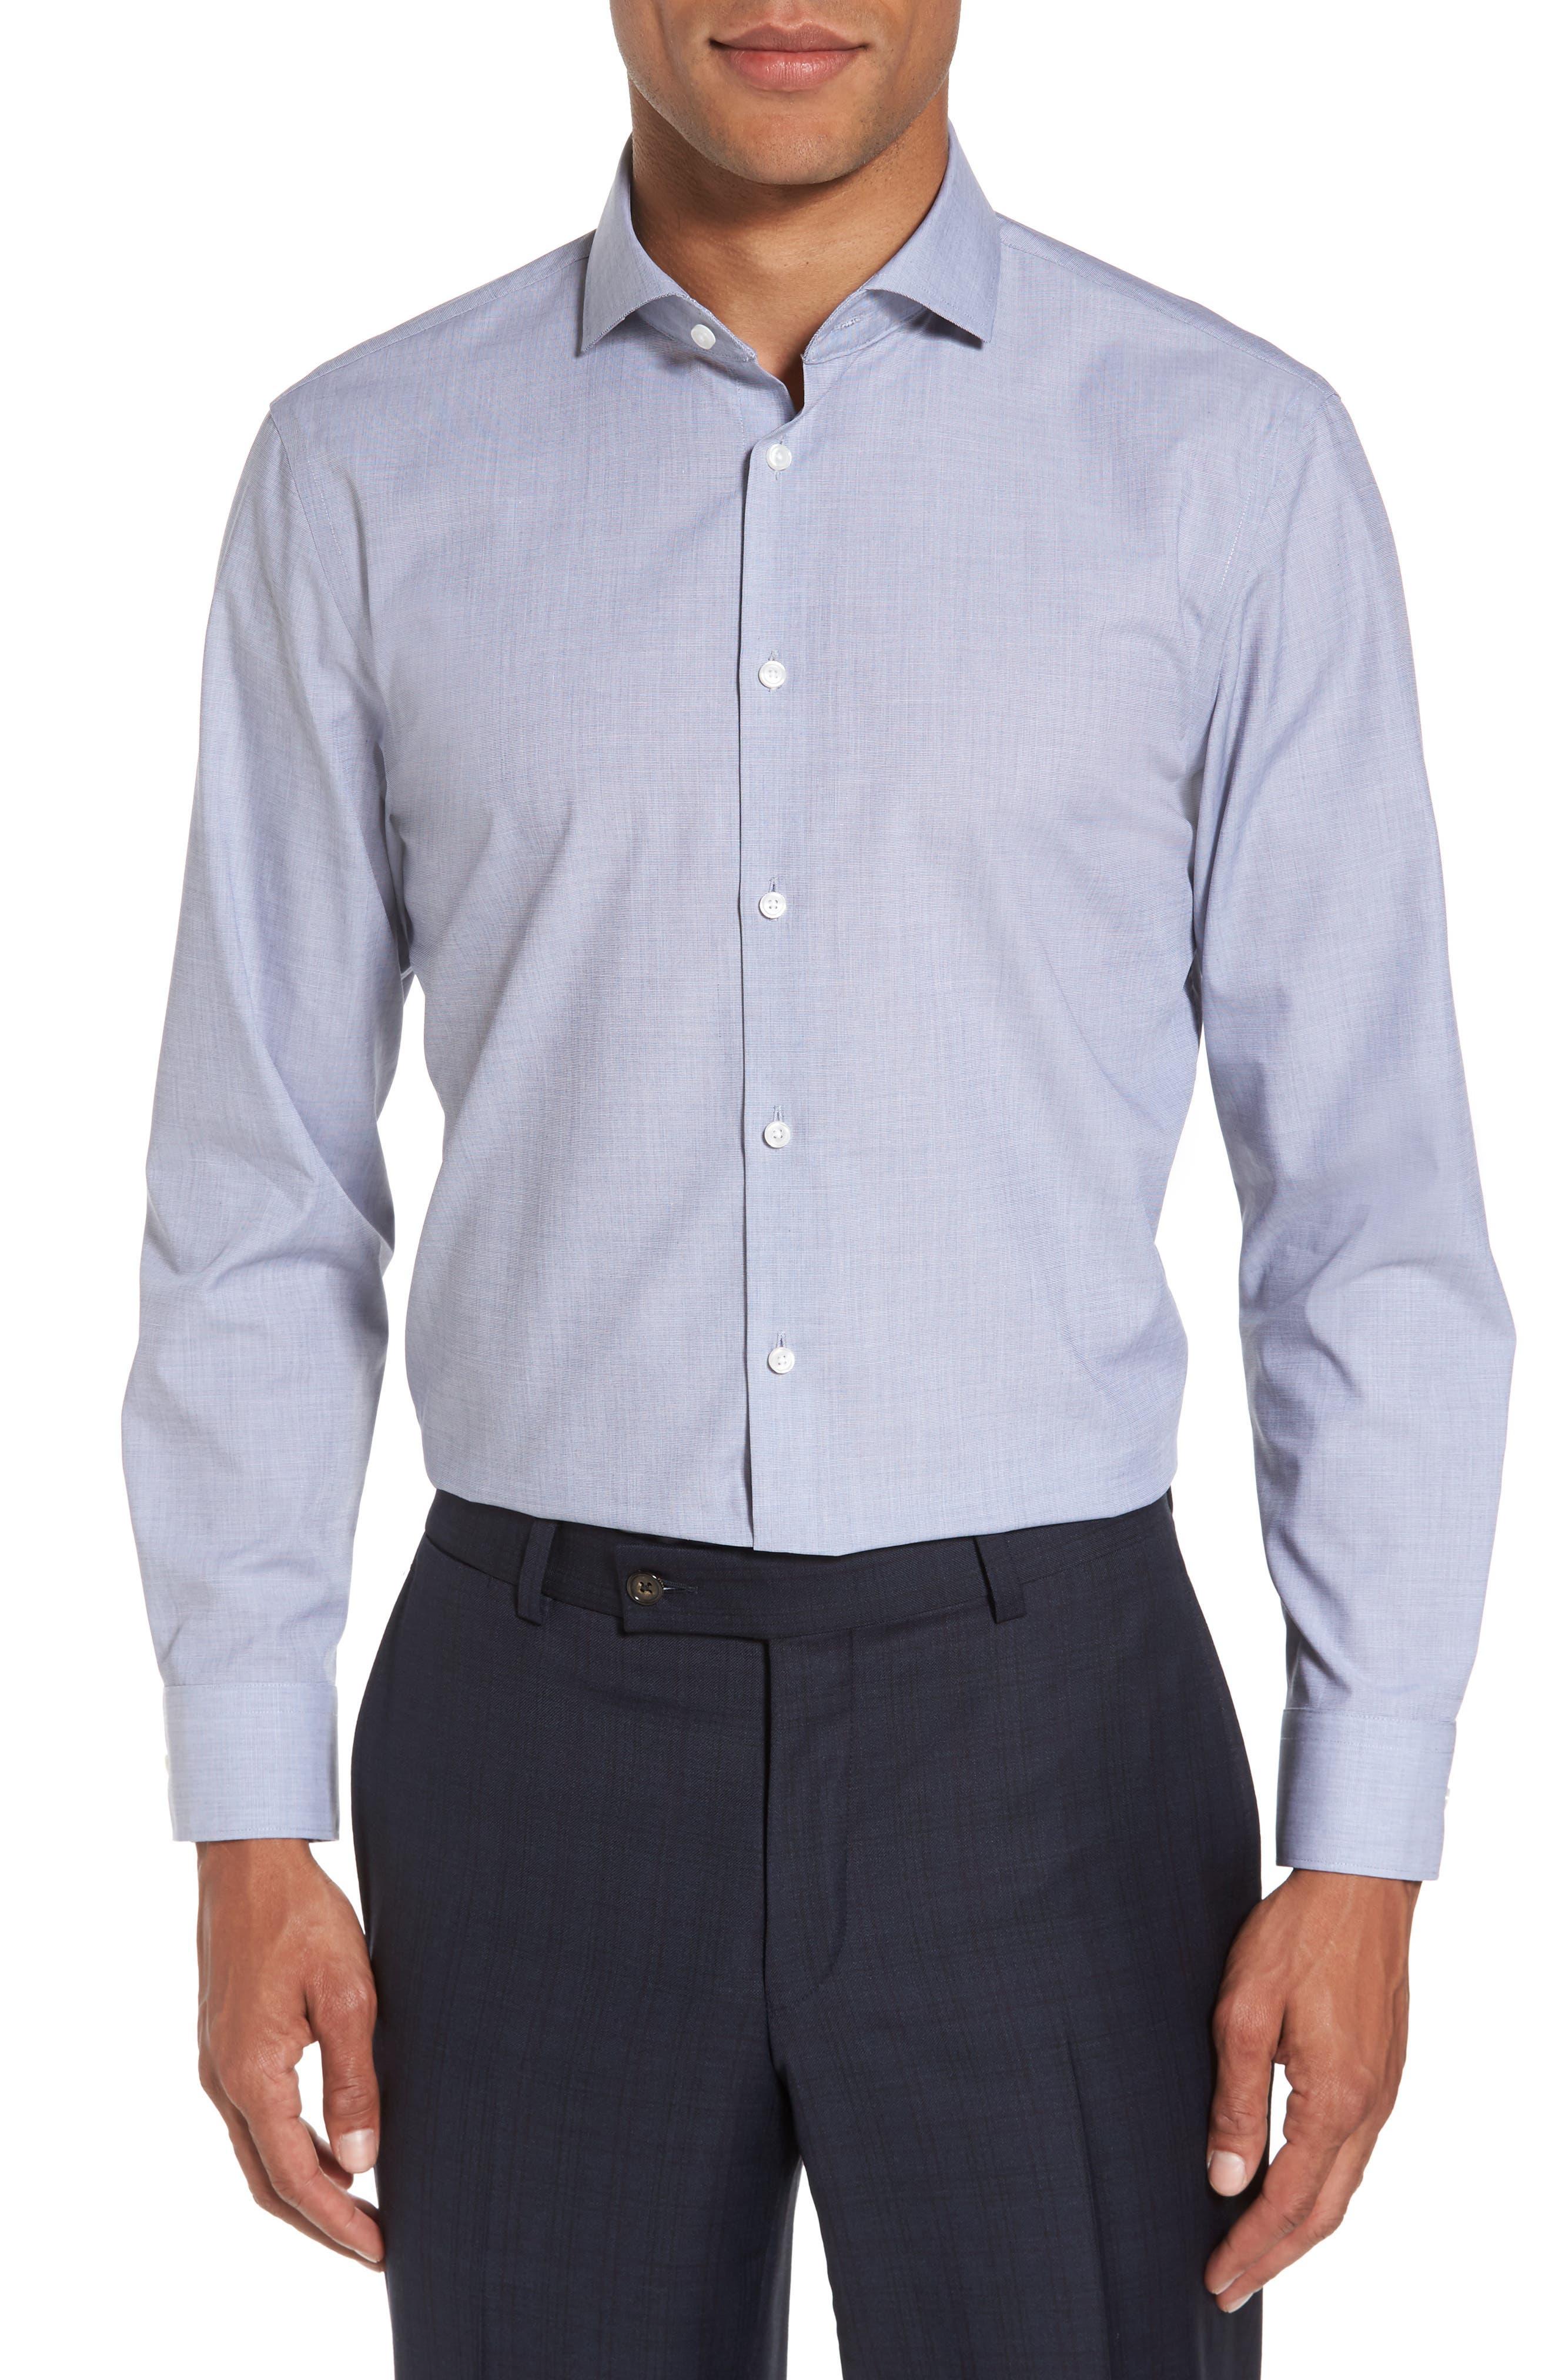 Alternate Image 2  - Calibrate Extra Trim Fit Stretch No-Iron Dress Shirt